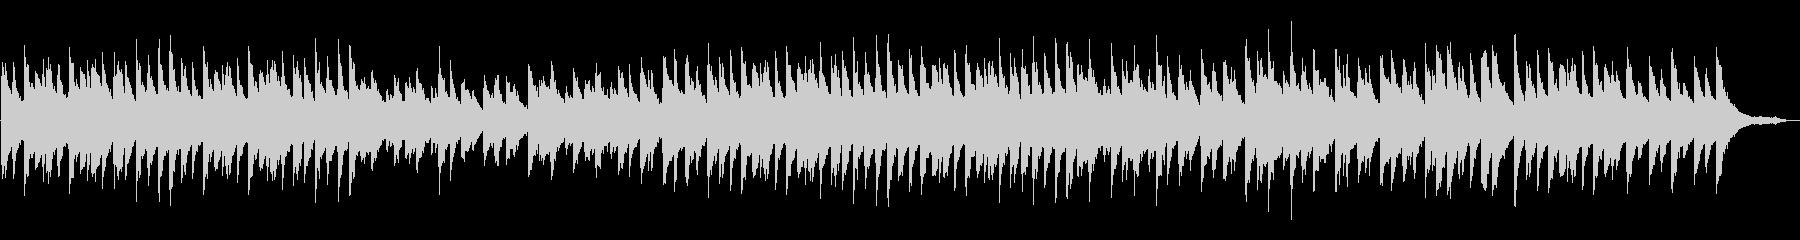 緑をイメージしたゆったりとしたピアノソロの未再生の波形